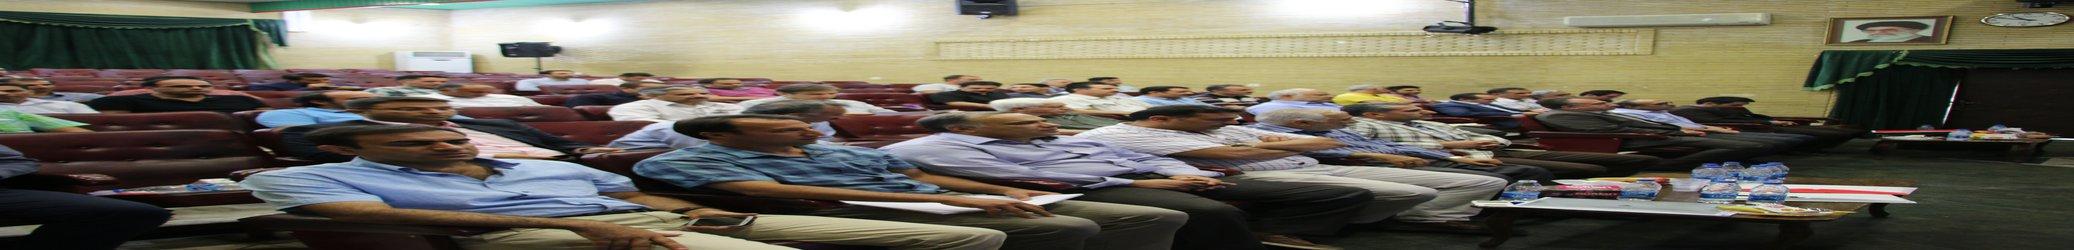 مجمع عمومی سالیانه انجمن پیمانکاران عمرانی آذربایجانغربی برای انتخاب بازرسان خود برگزار شد